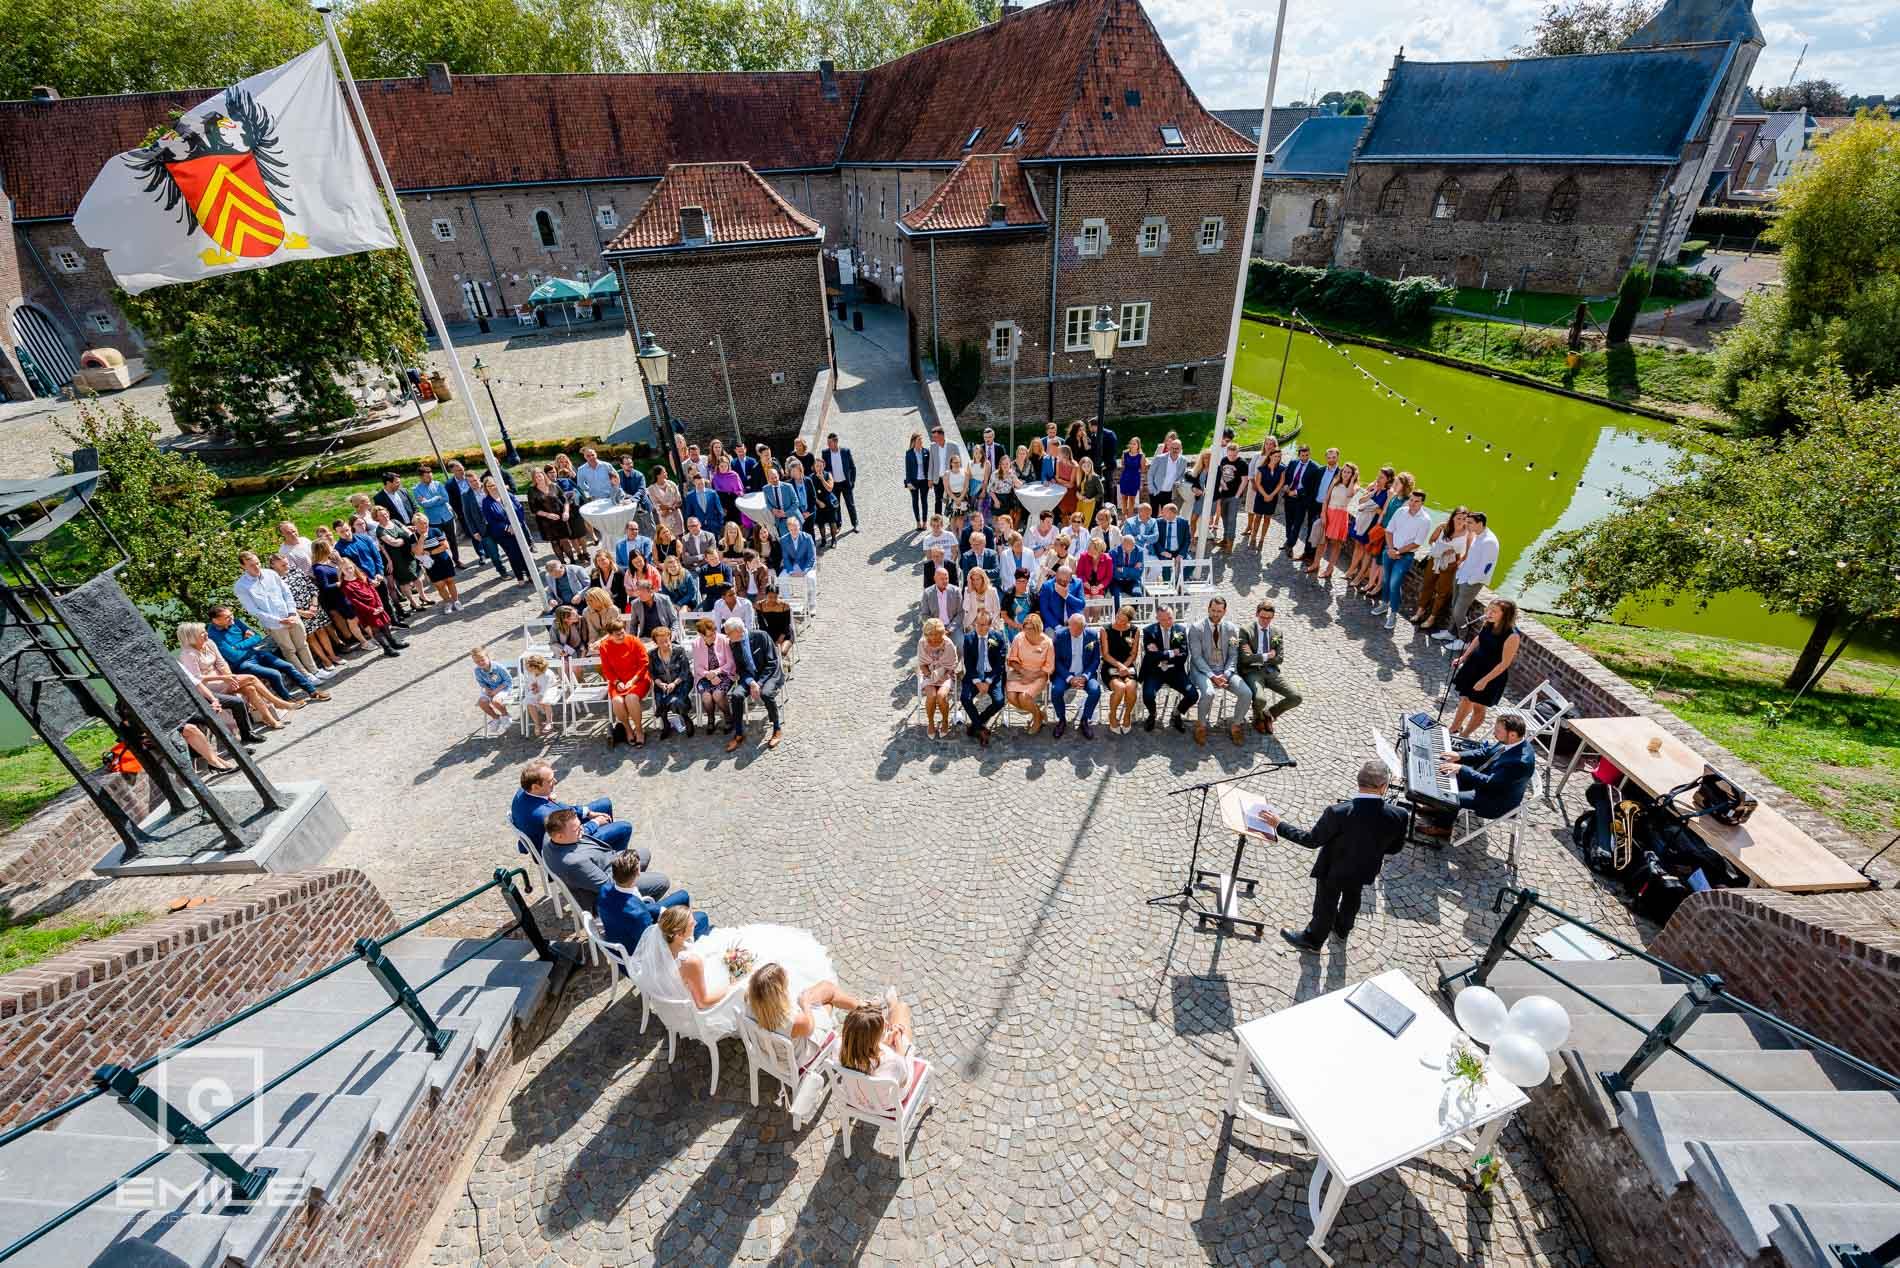 Bruidsfotograaf Kasteel Limbricht overzicht foto van de bruiloftsgasten. Trouwen in Zuid-Limburg